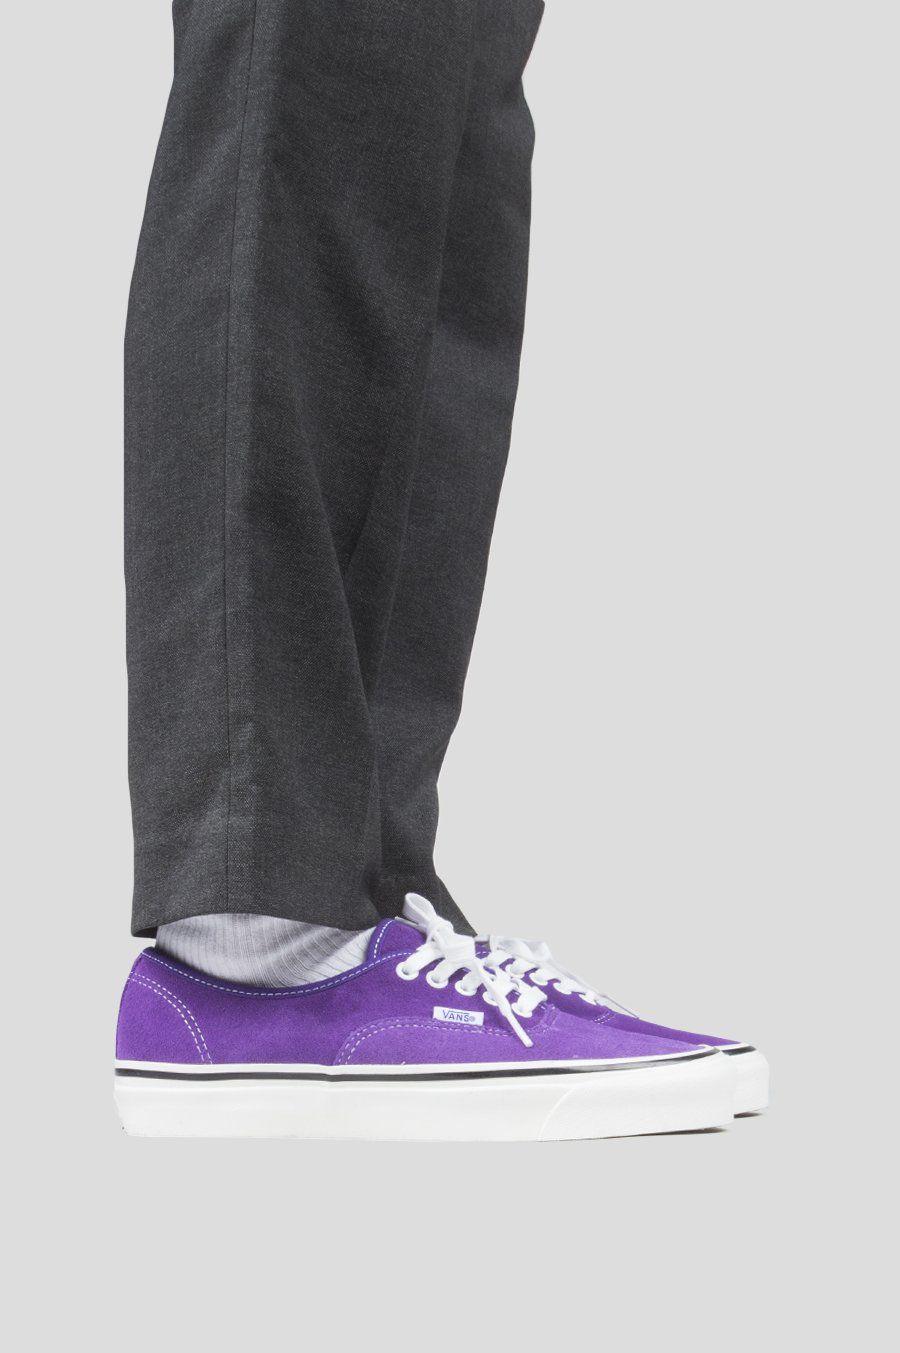 Vans authentic 44 dx anaheim factory og bright purple   shoez ... d989b83ef471